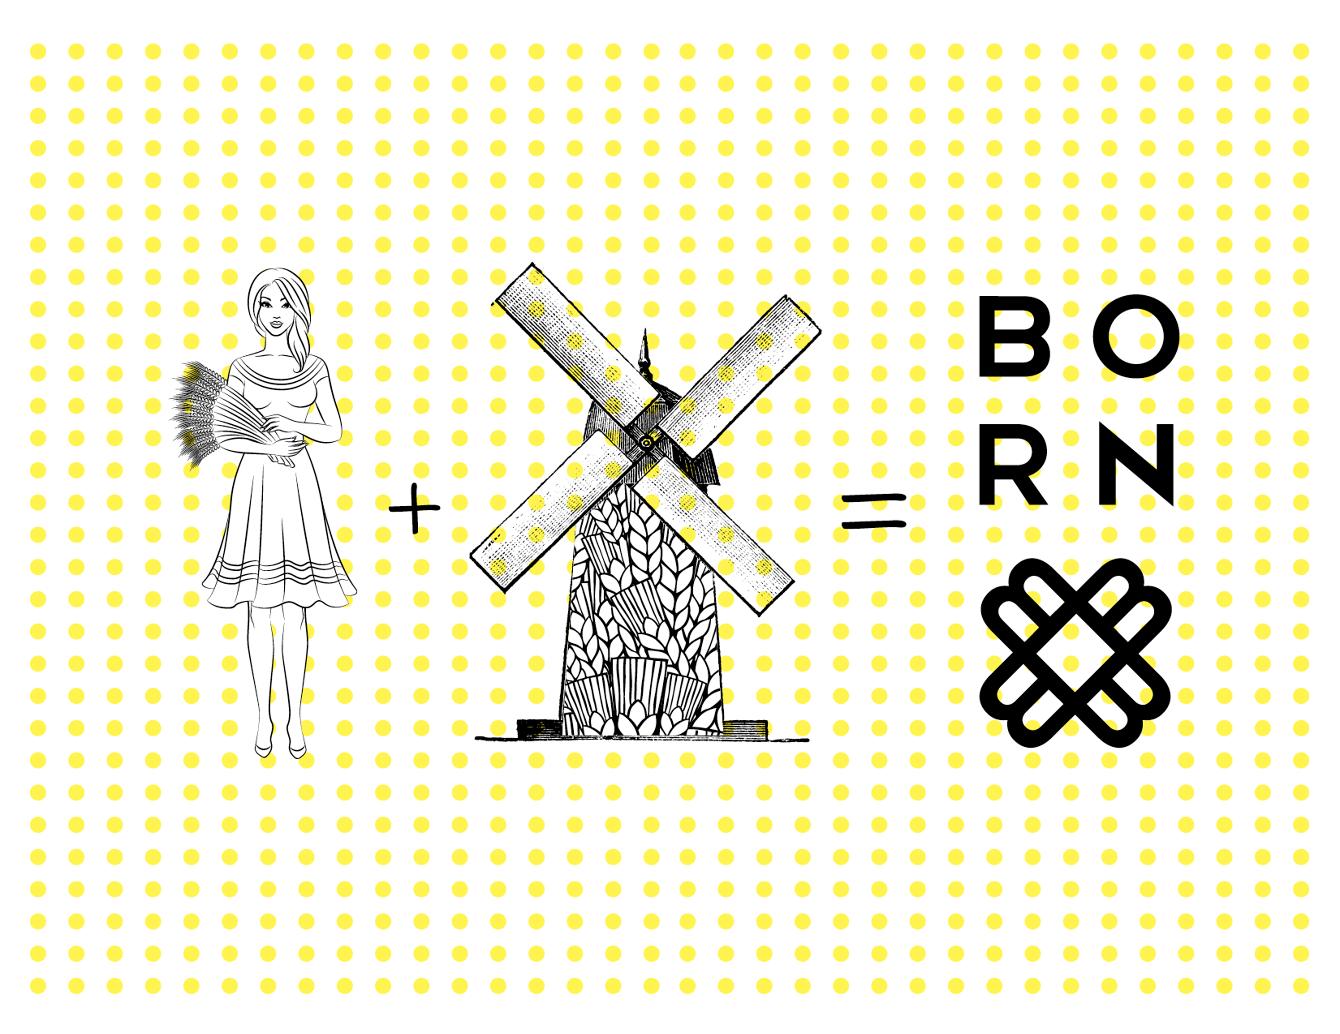 BORN面包品牌形象设计